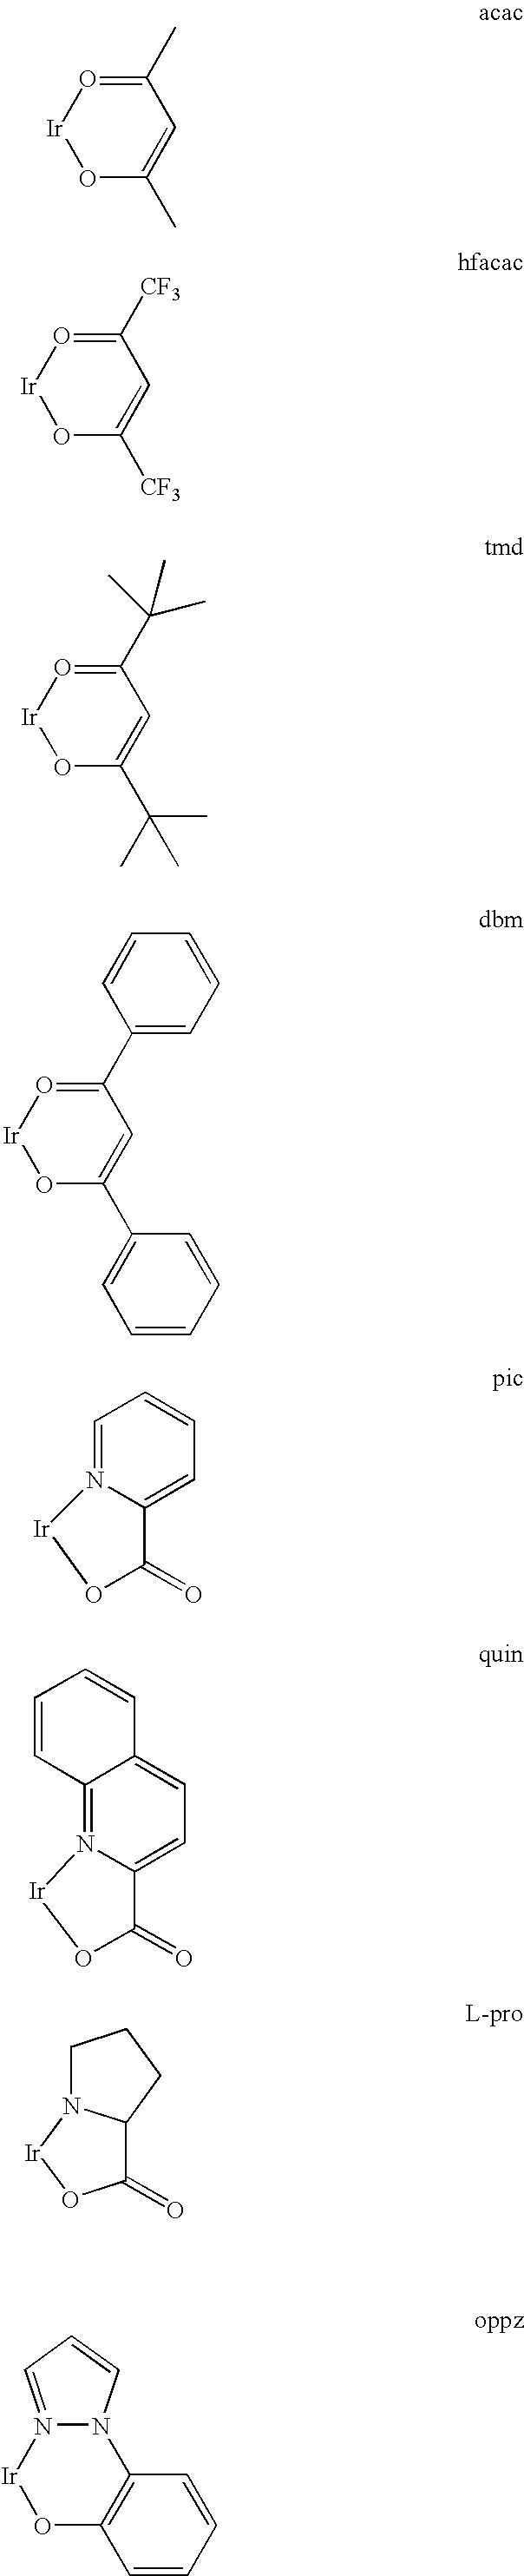 Figure US20050031903A1-20050210-C00019